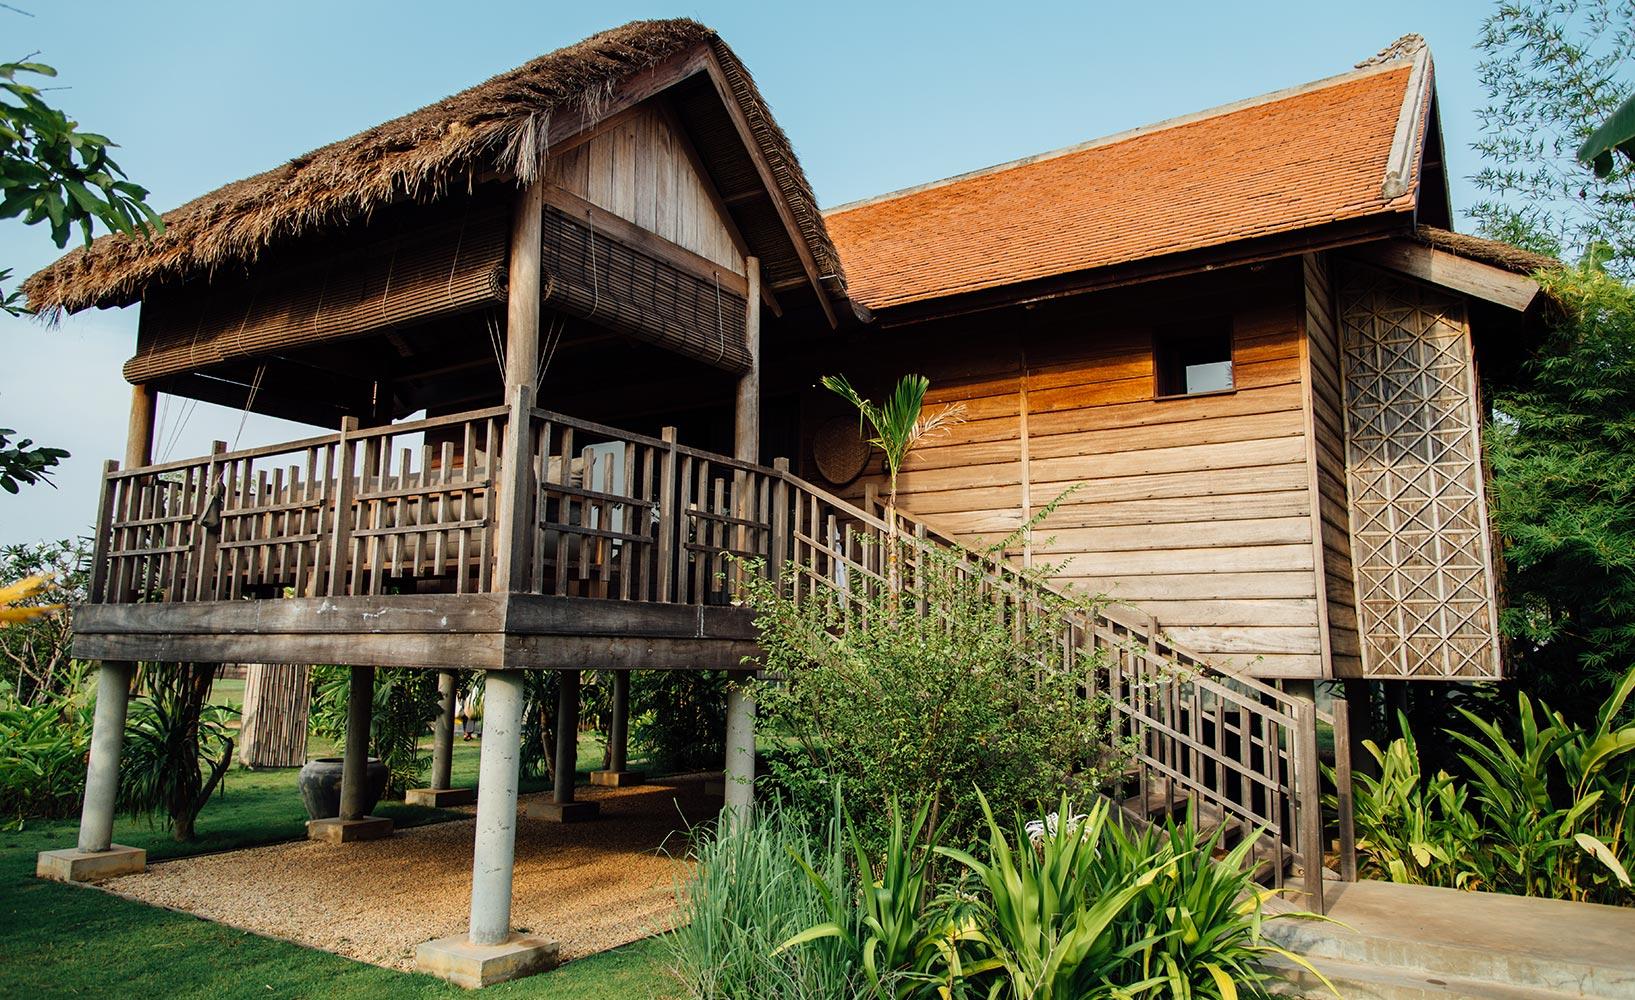 Einfache Dekoration Und Mobel Authentischer Urlaub Im Designhotel Phum Baitang #22: Terrassenvilla Phum Baitang